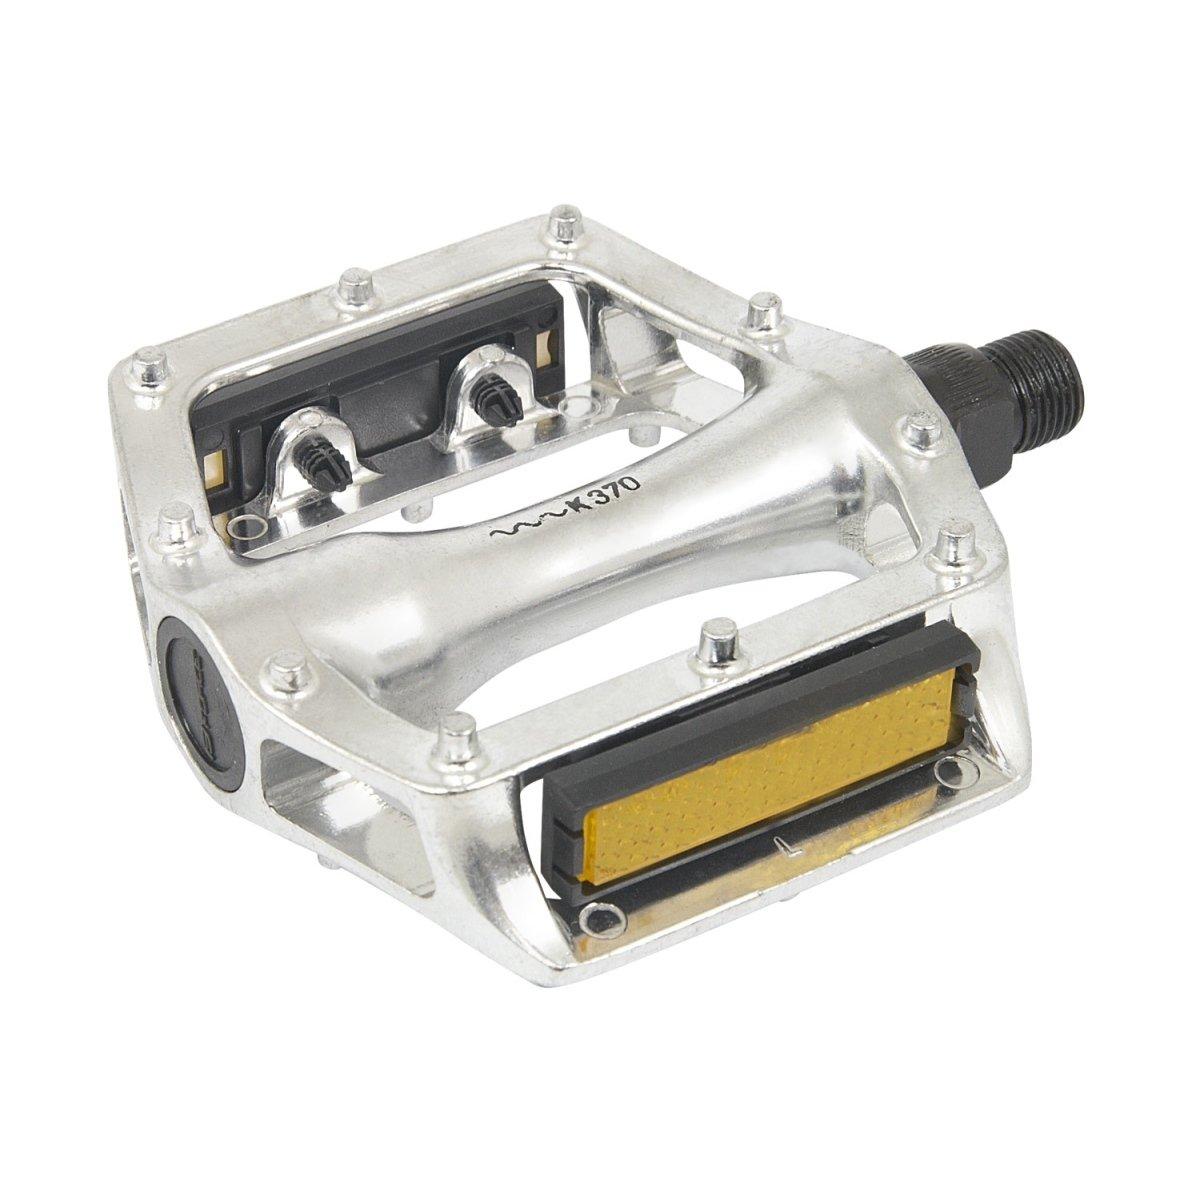 Force sølv bmx pedal | Pedaler